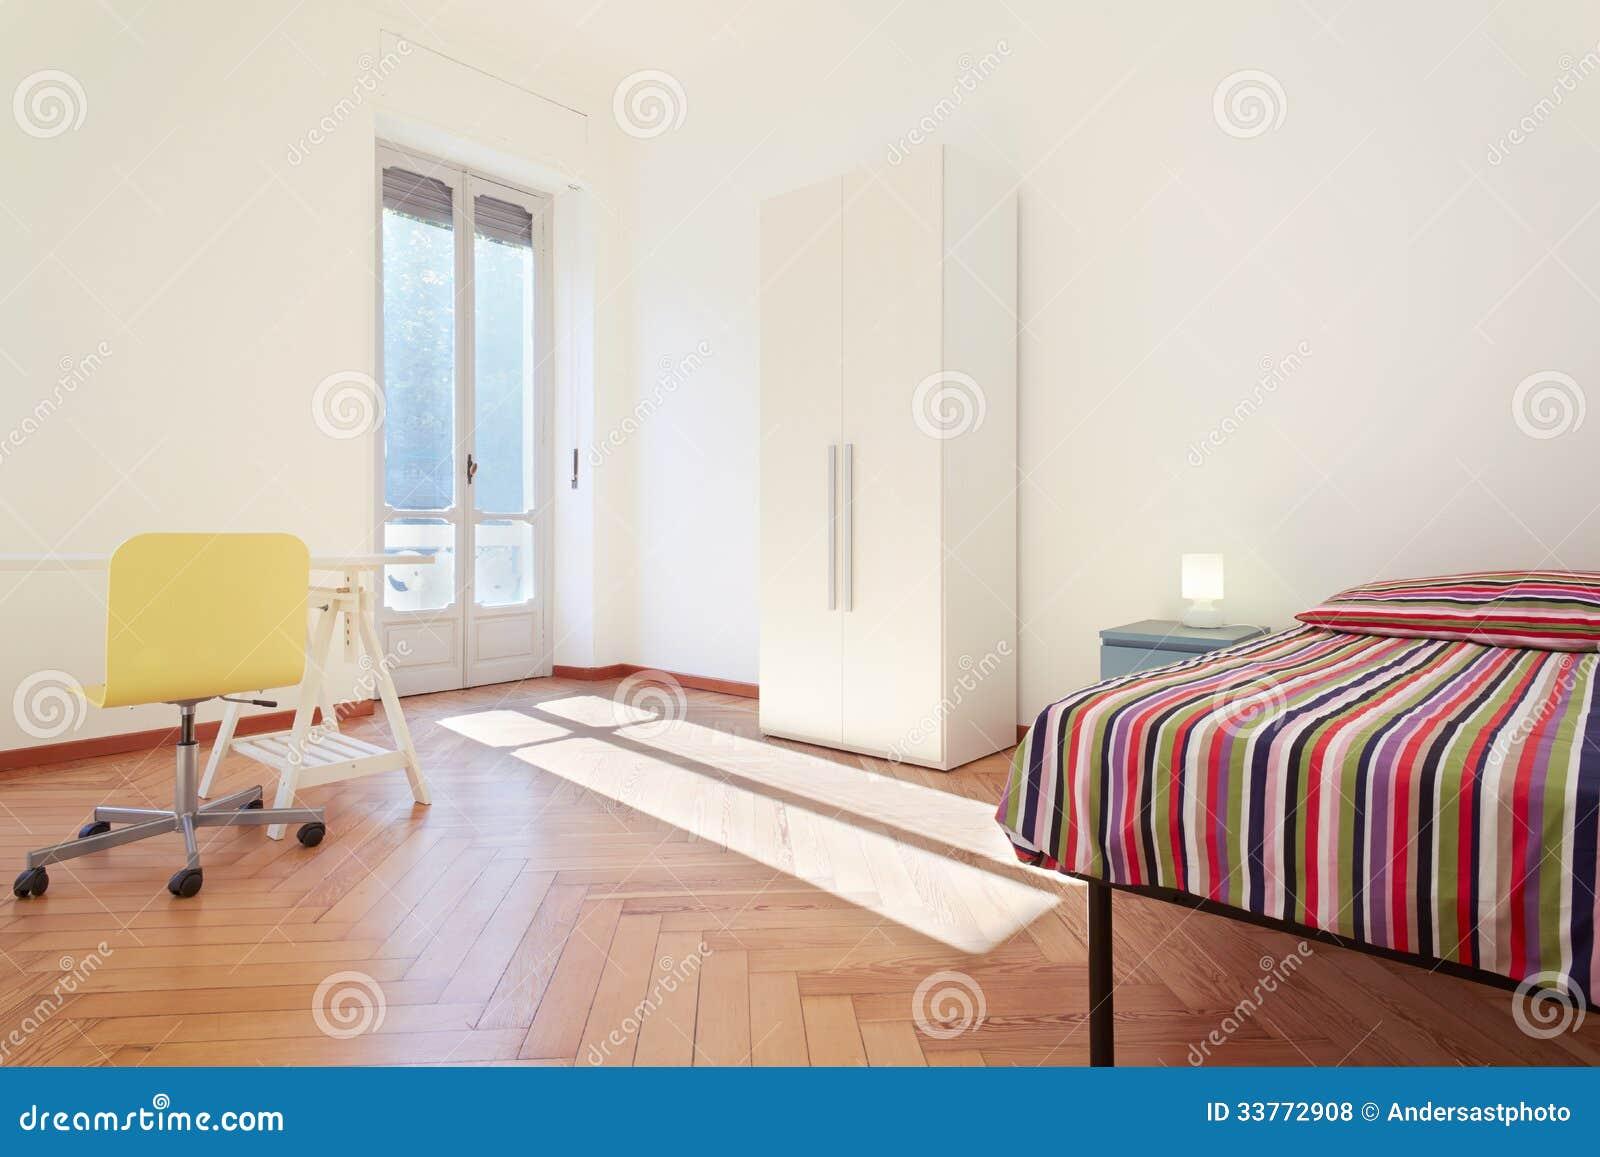 Singola camera da letto interior design semplice fotografie stock libere da diritti immagine - Camera da letto singola ...